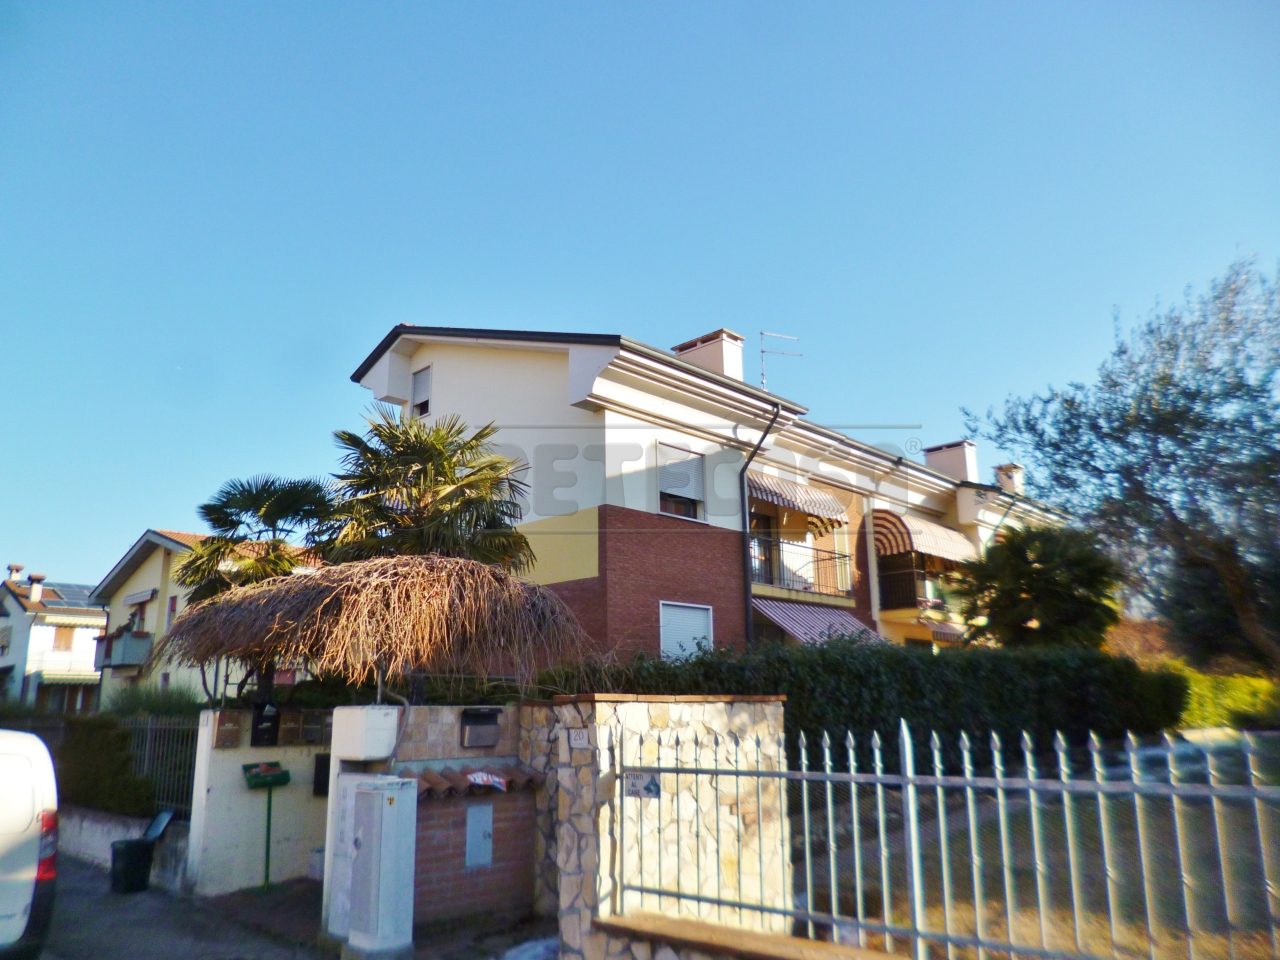 Appartamento in vendita a Montebello Vicentino, 9999 locali, prezzo € 86.000 | Cambio Casa.it